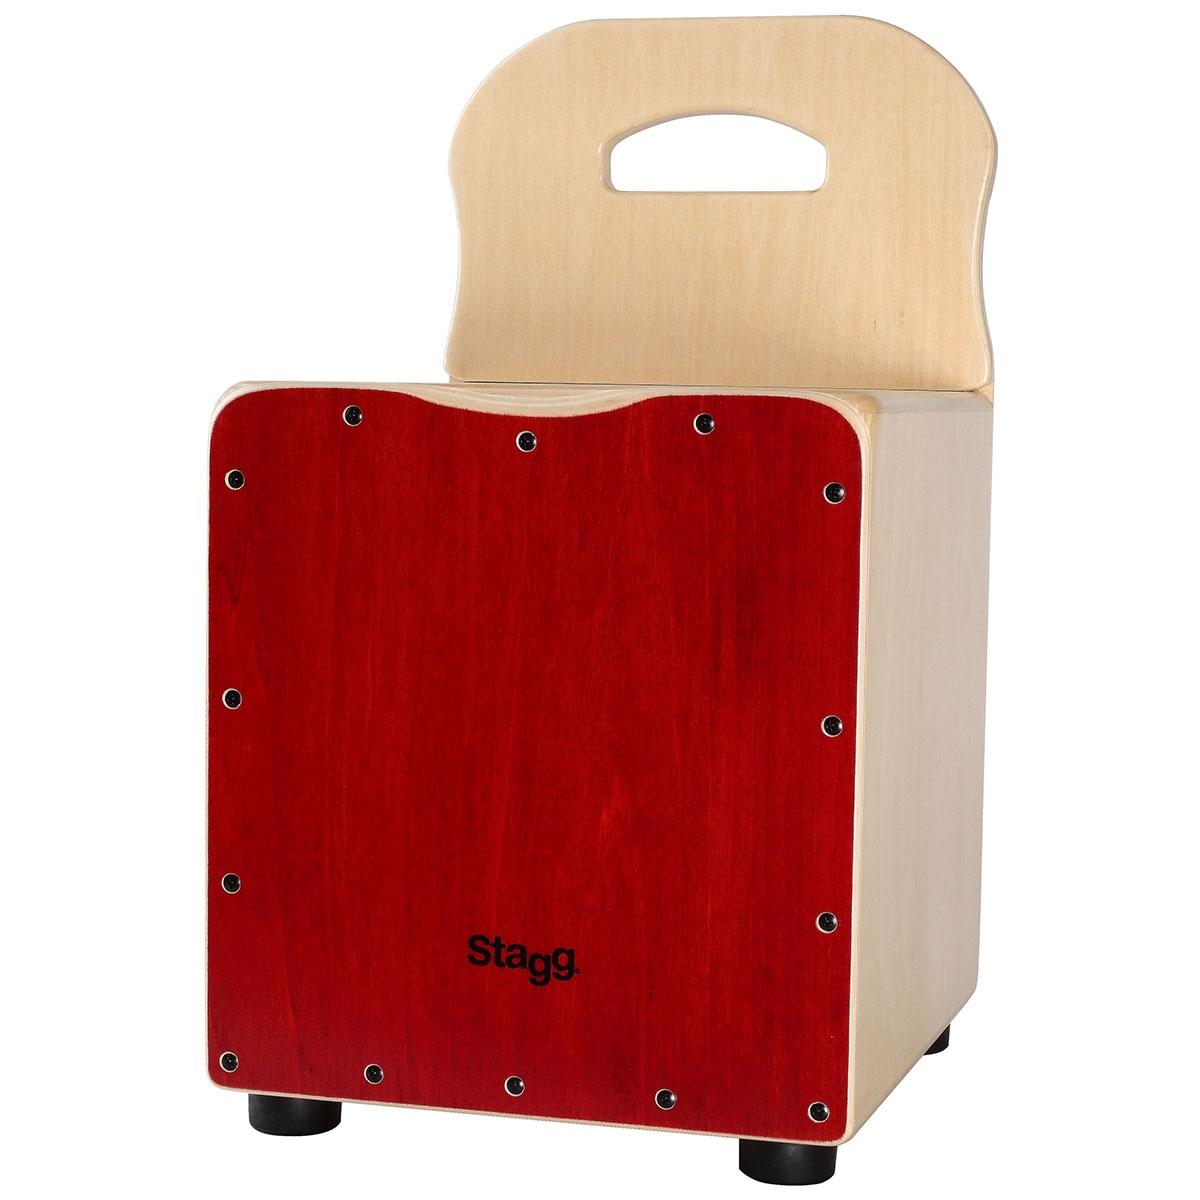 Cajón rouge pour enfant - Stagg